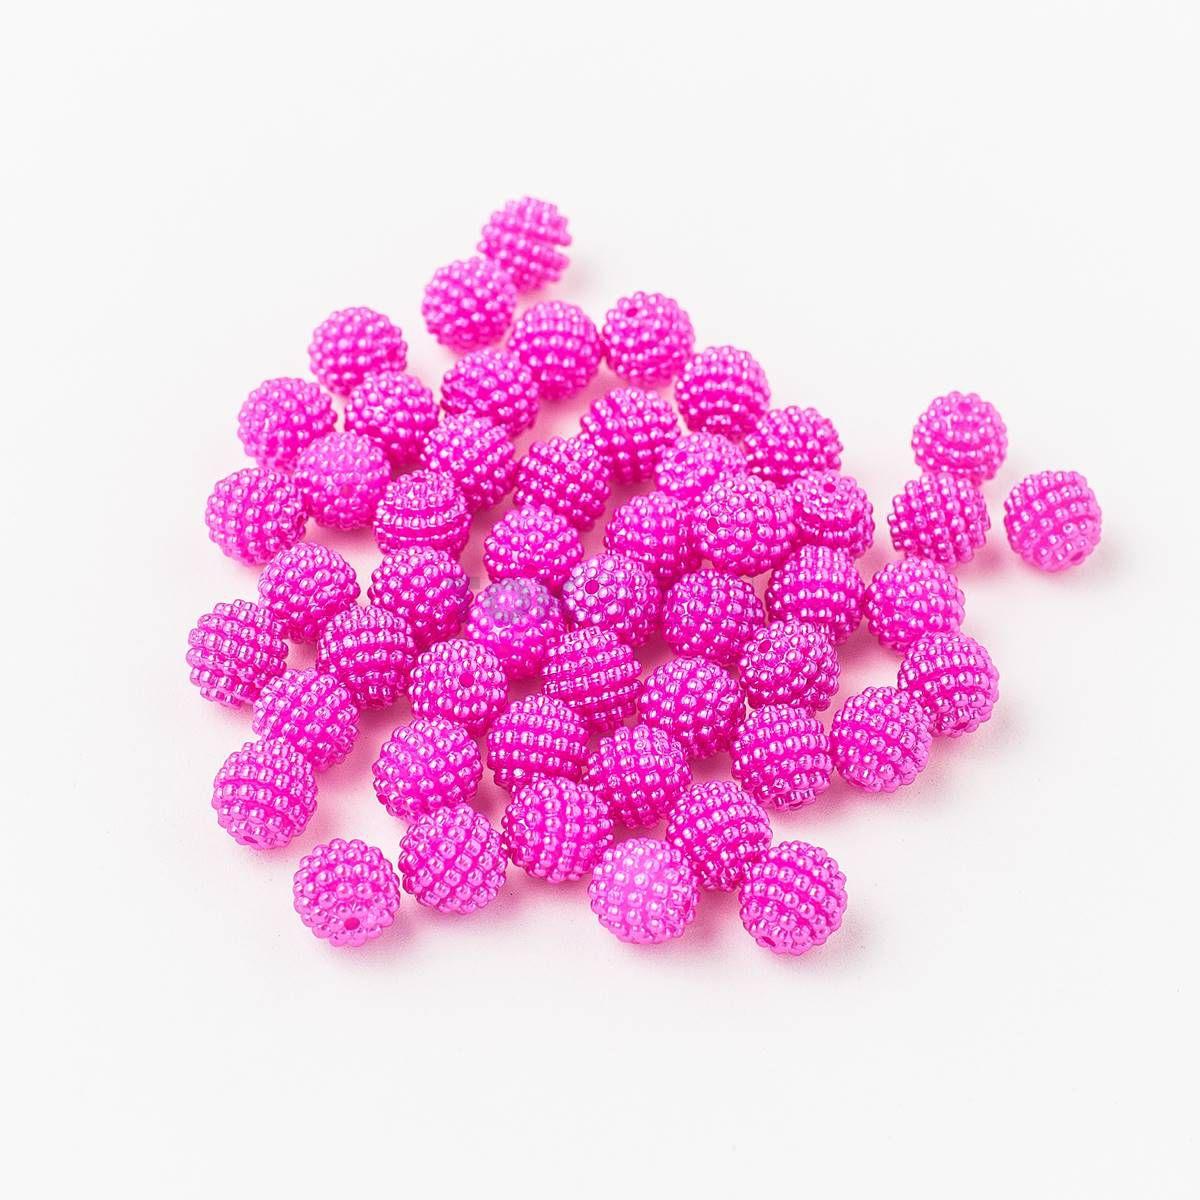 Atacado - Pérola Amora / Craquelada Abs 10mm - Pink - 500g